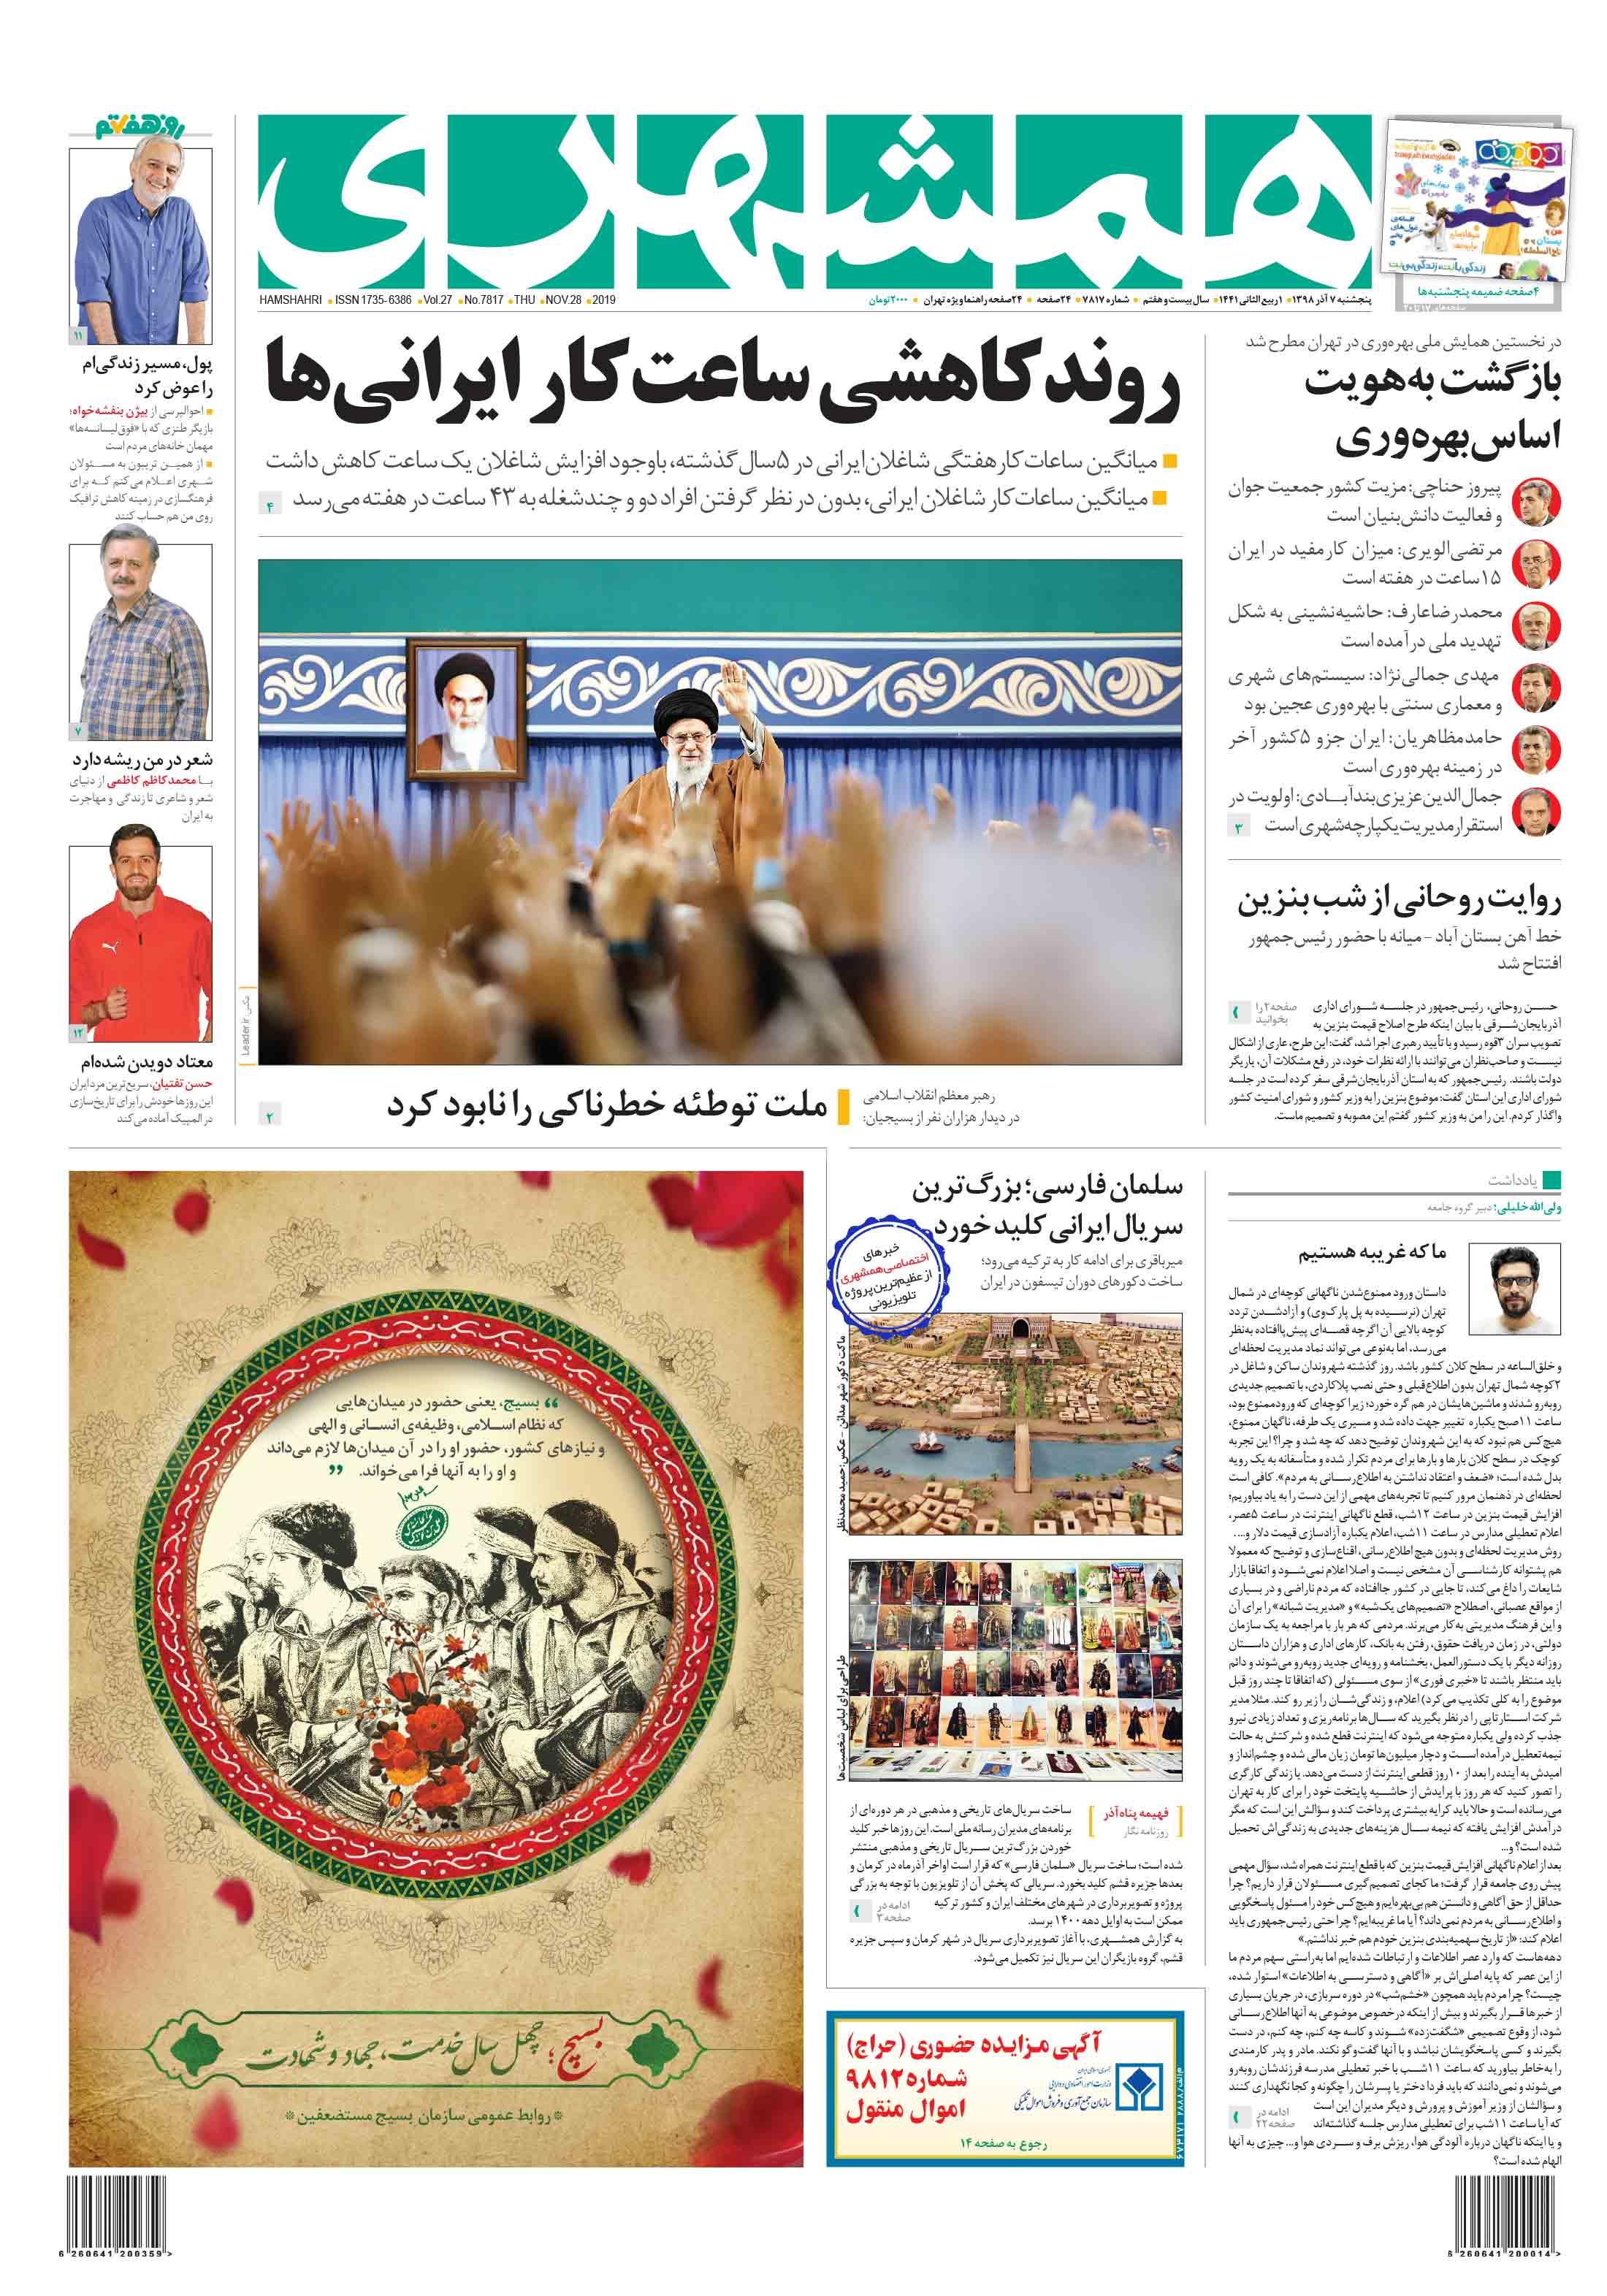 صفحه اول پنجشنبه 7 آذر 1398